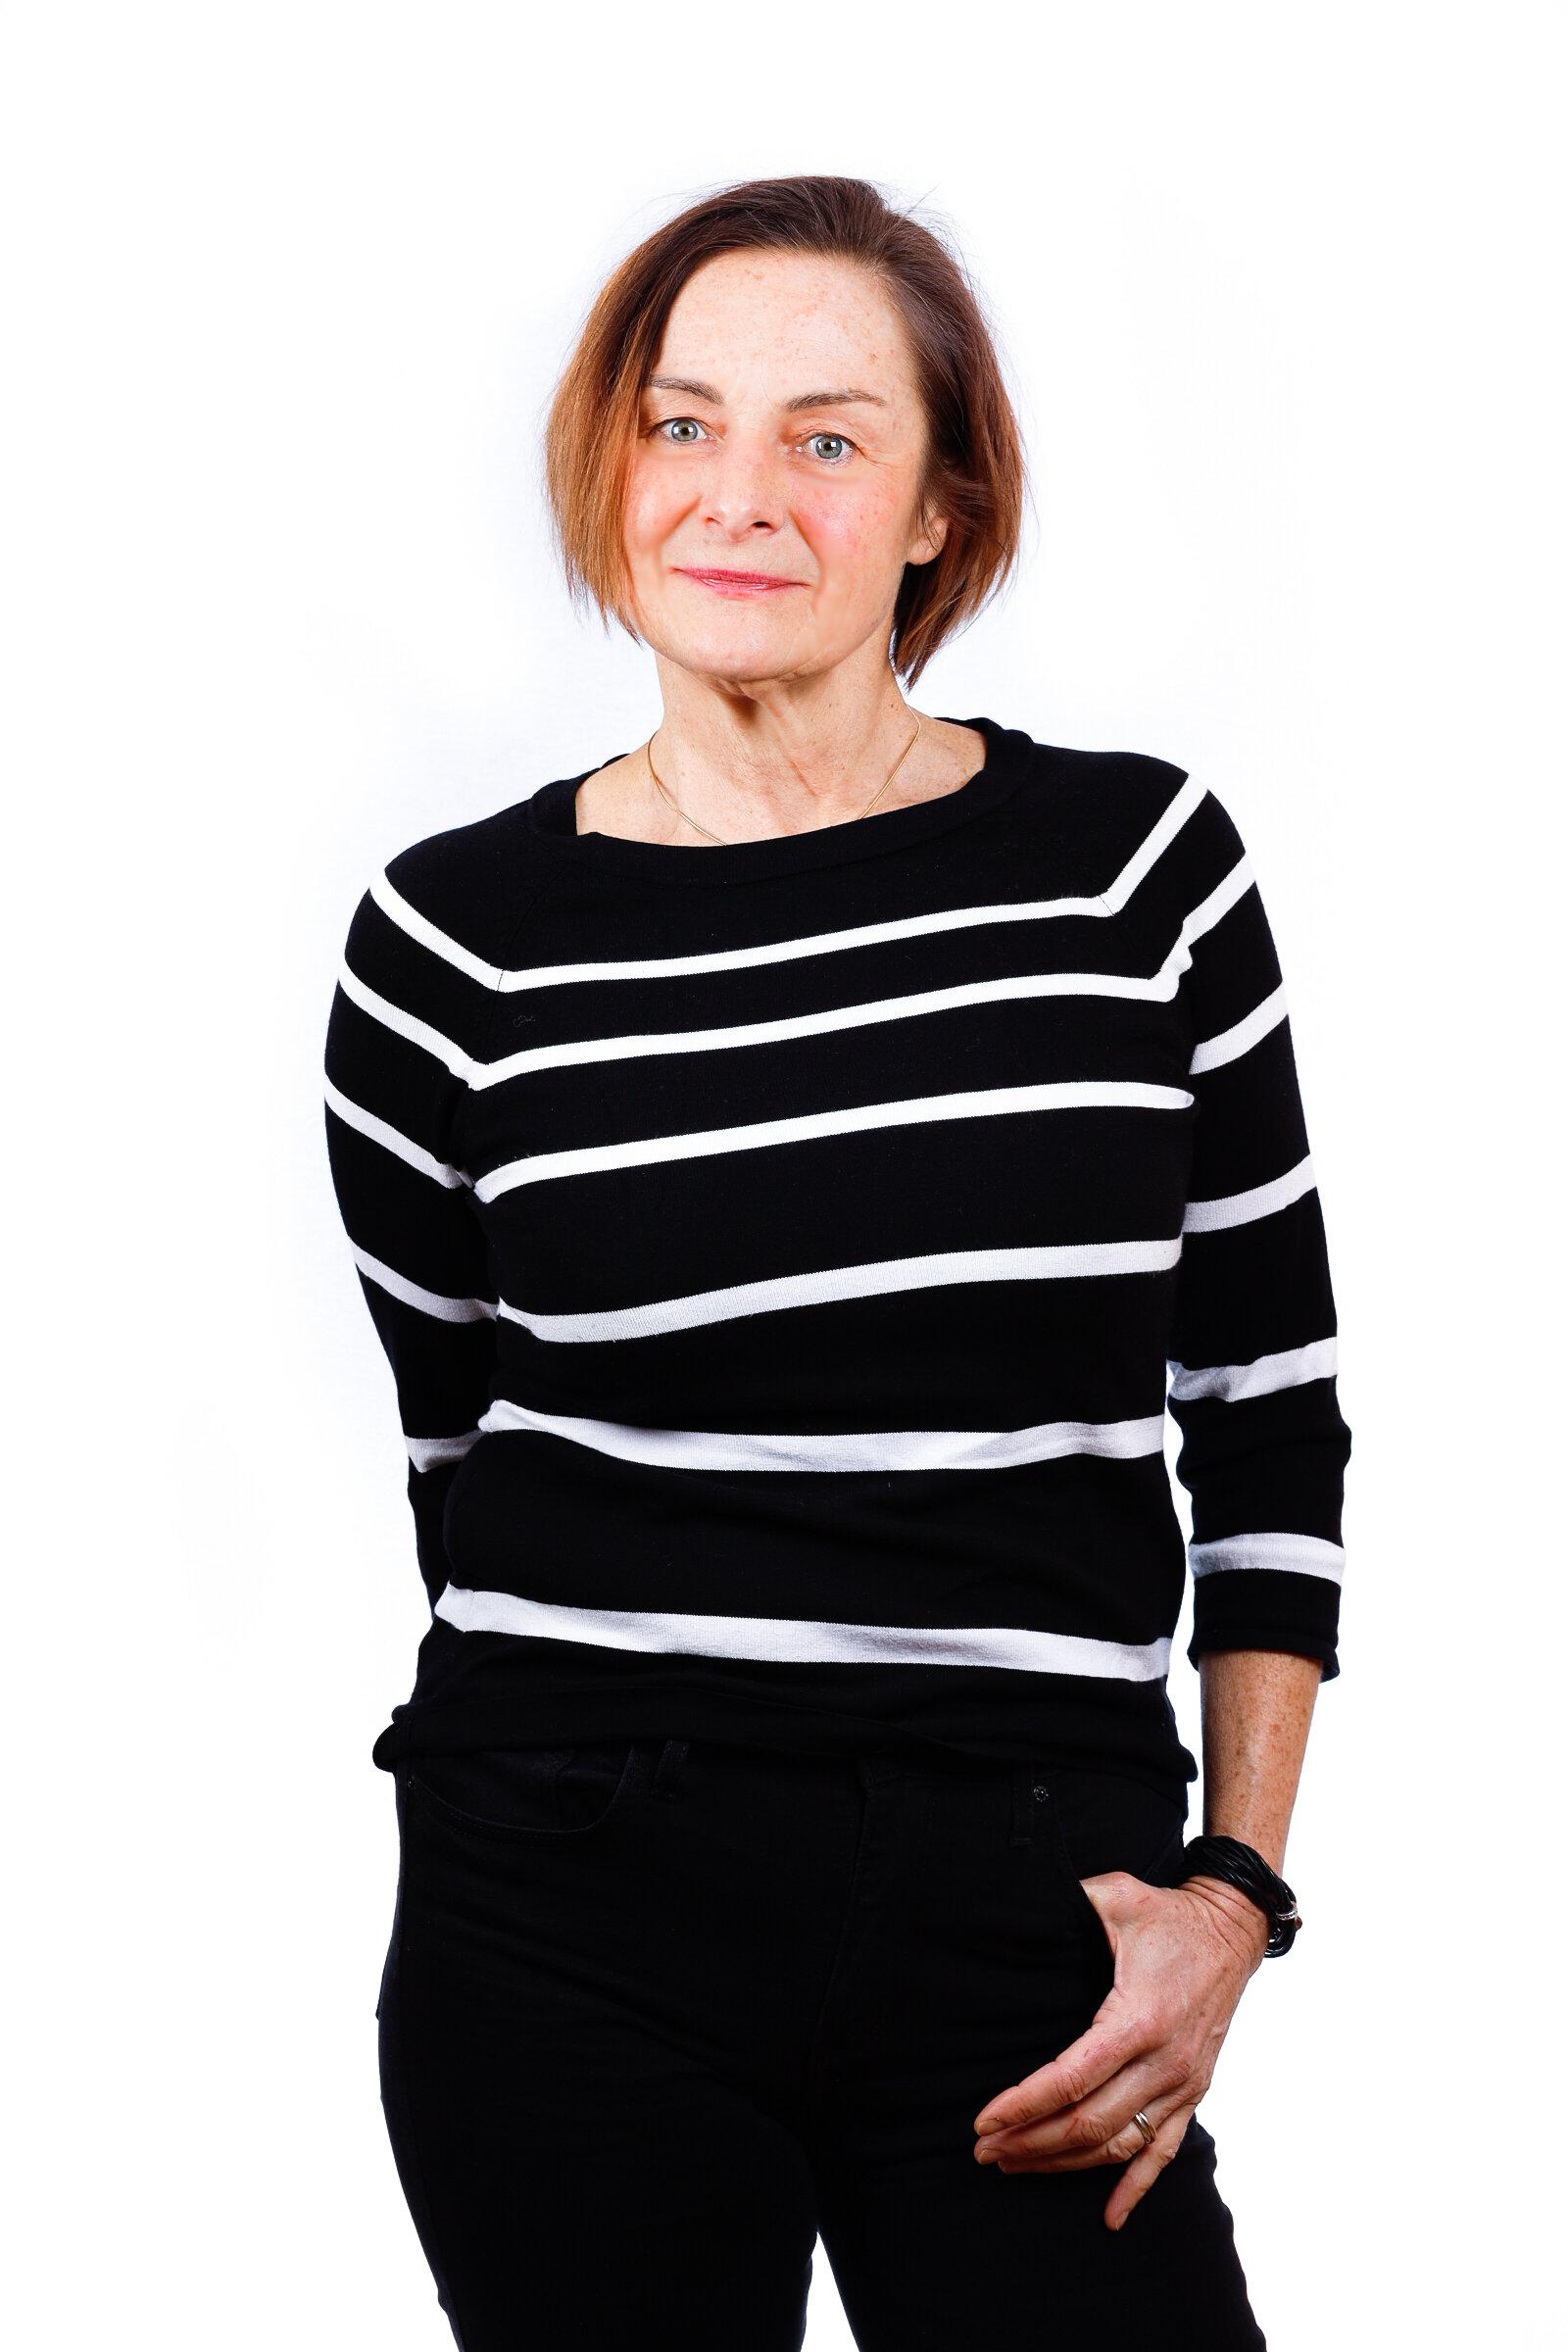 Susanne Hein